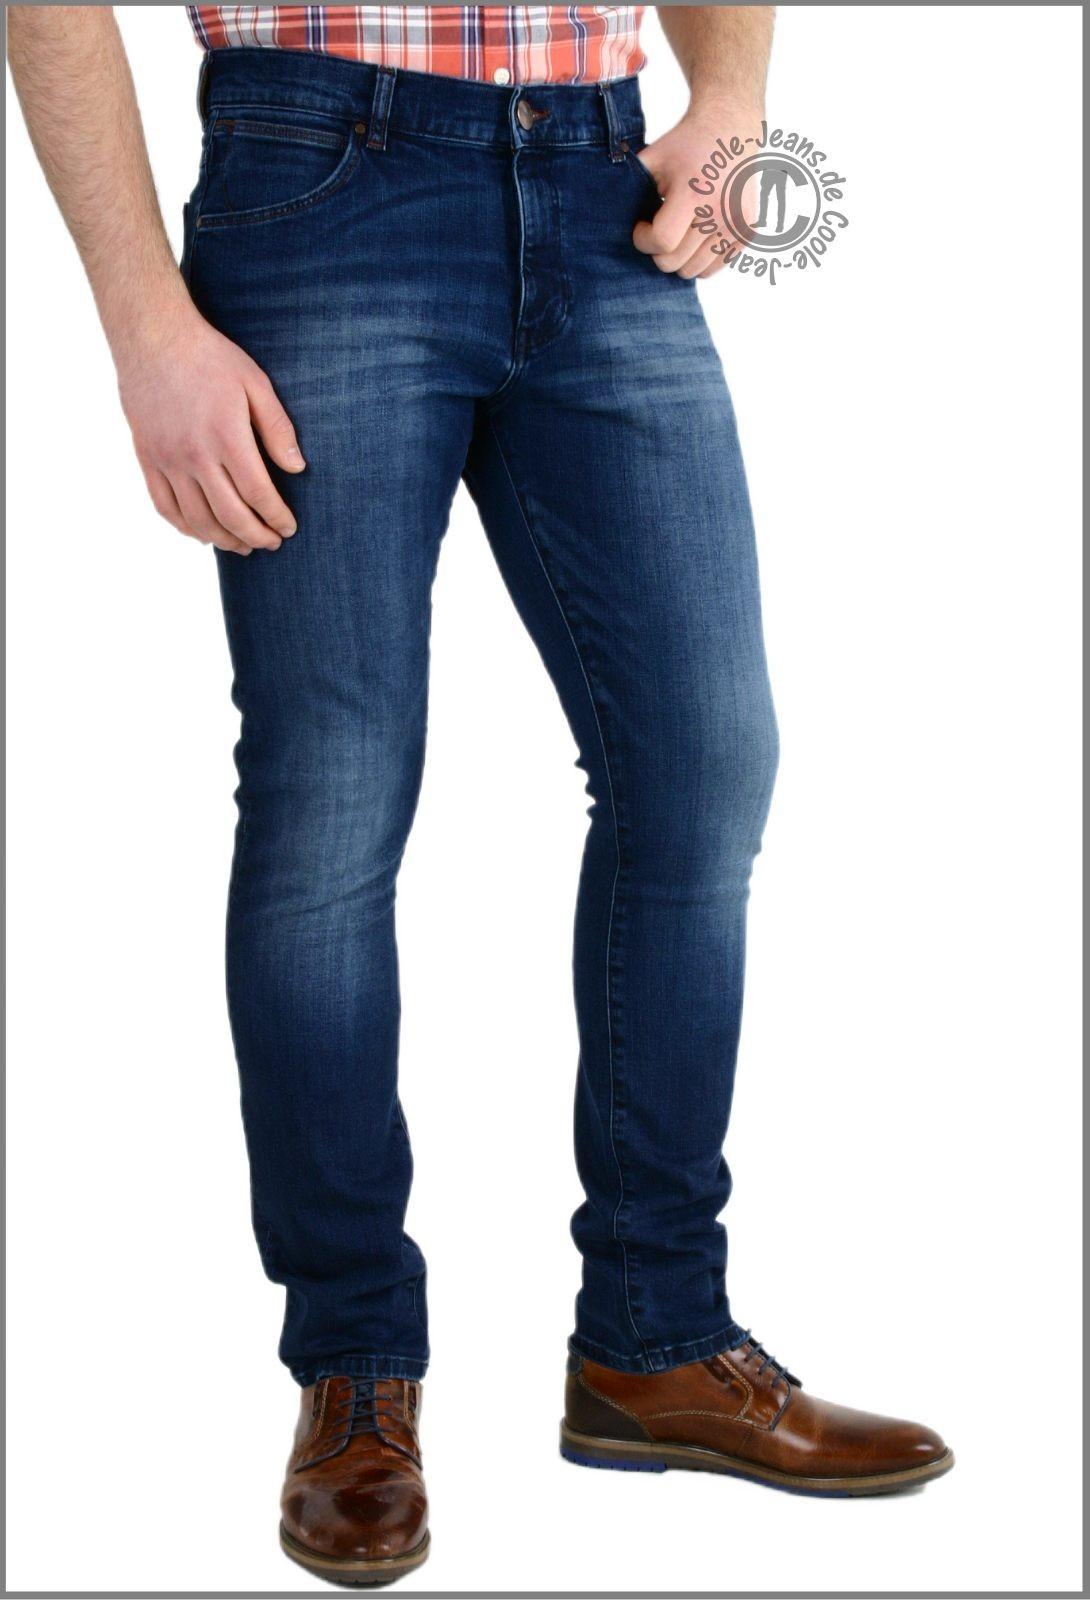 ... W18s8282t Wrangler Jeans Larston slim, Blaze, ...